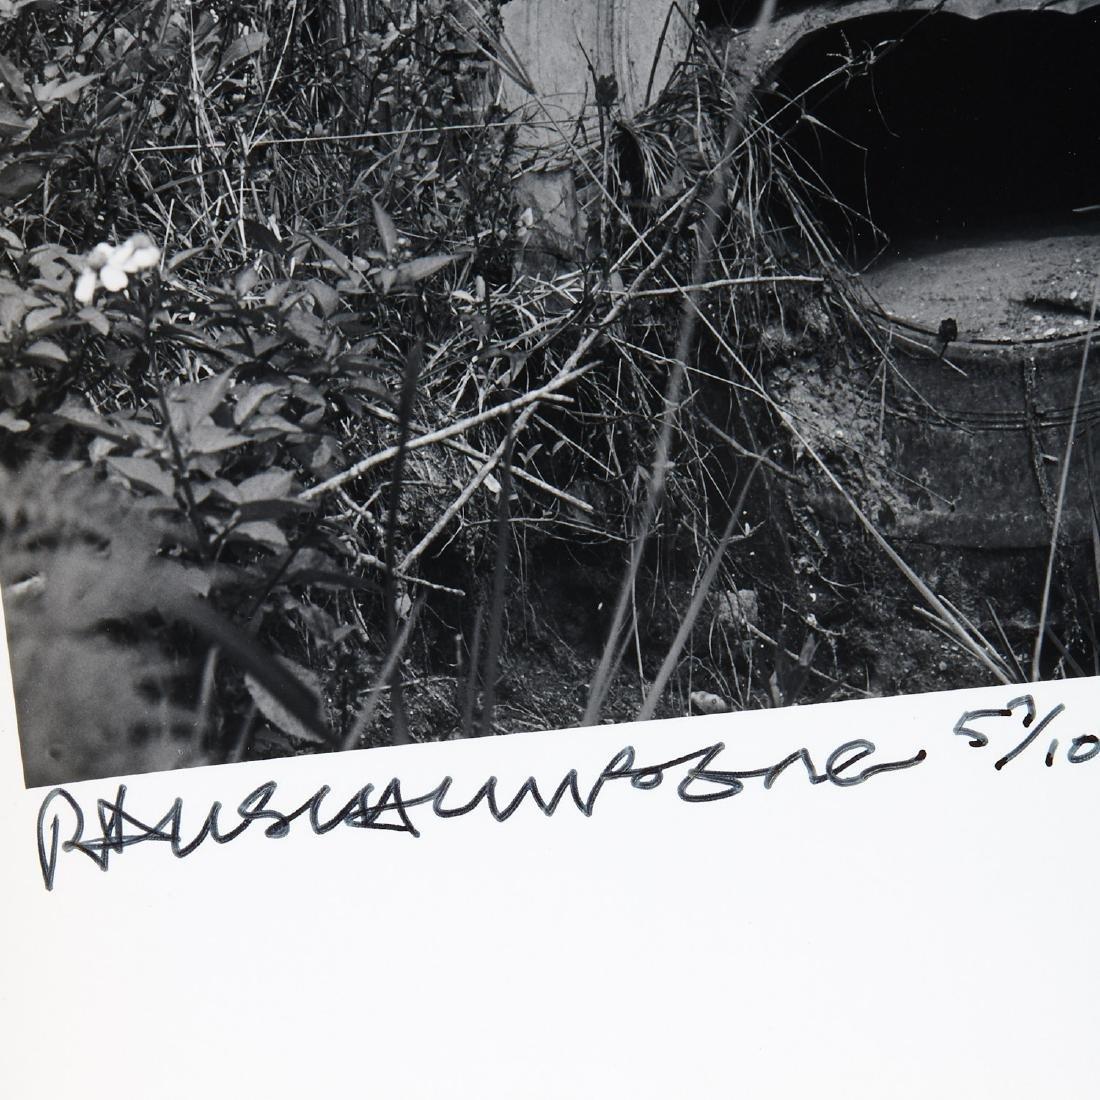 Robert Rauschenberg, photograph - 4